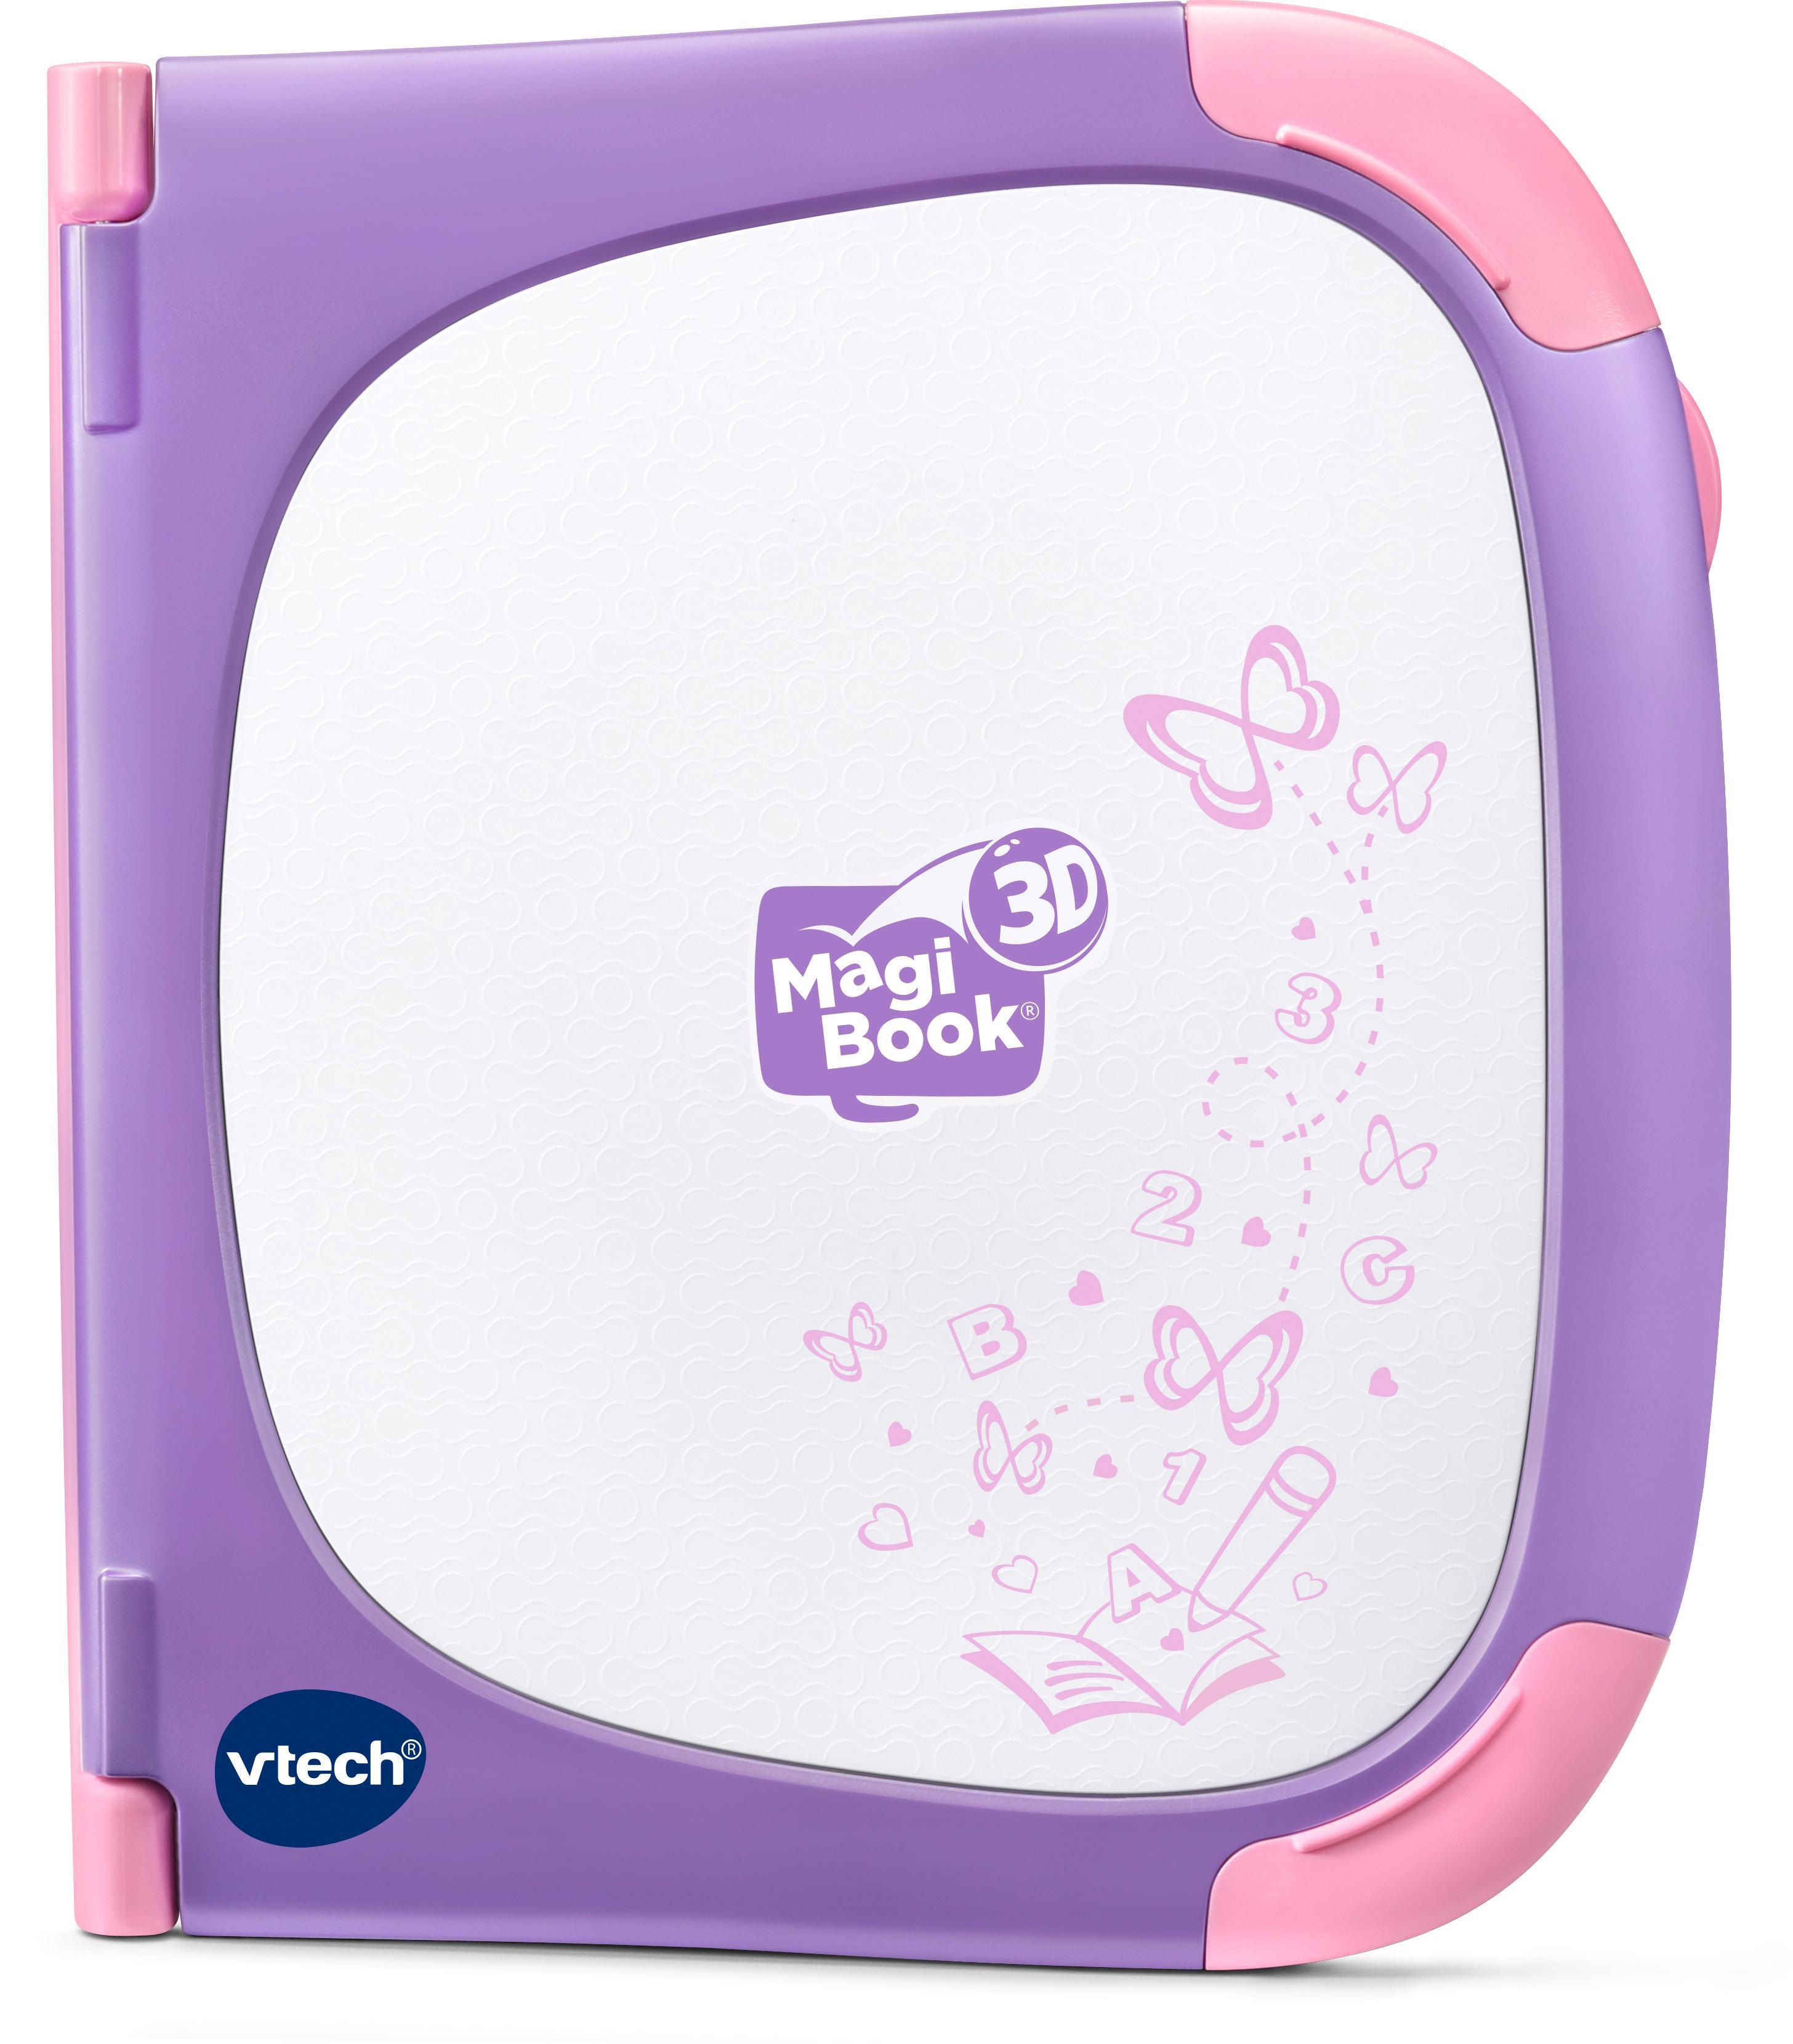 Vtech Kindercomputer MagiBook 3D, pink lila Kinder Kinder-Computer Lernspielzeug